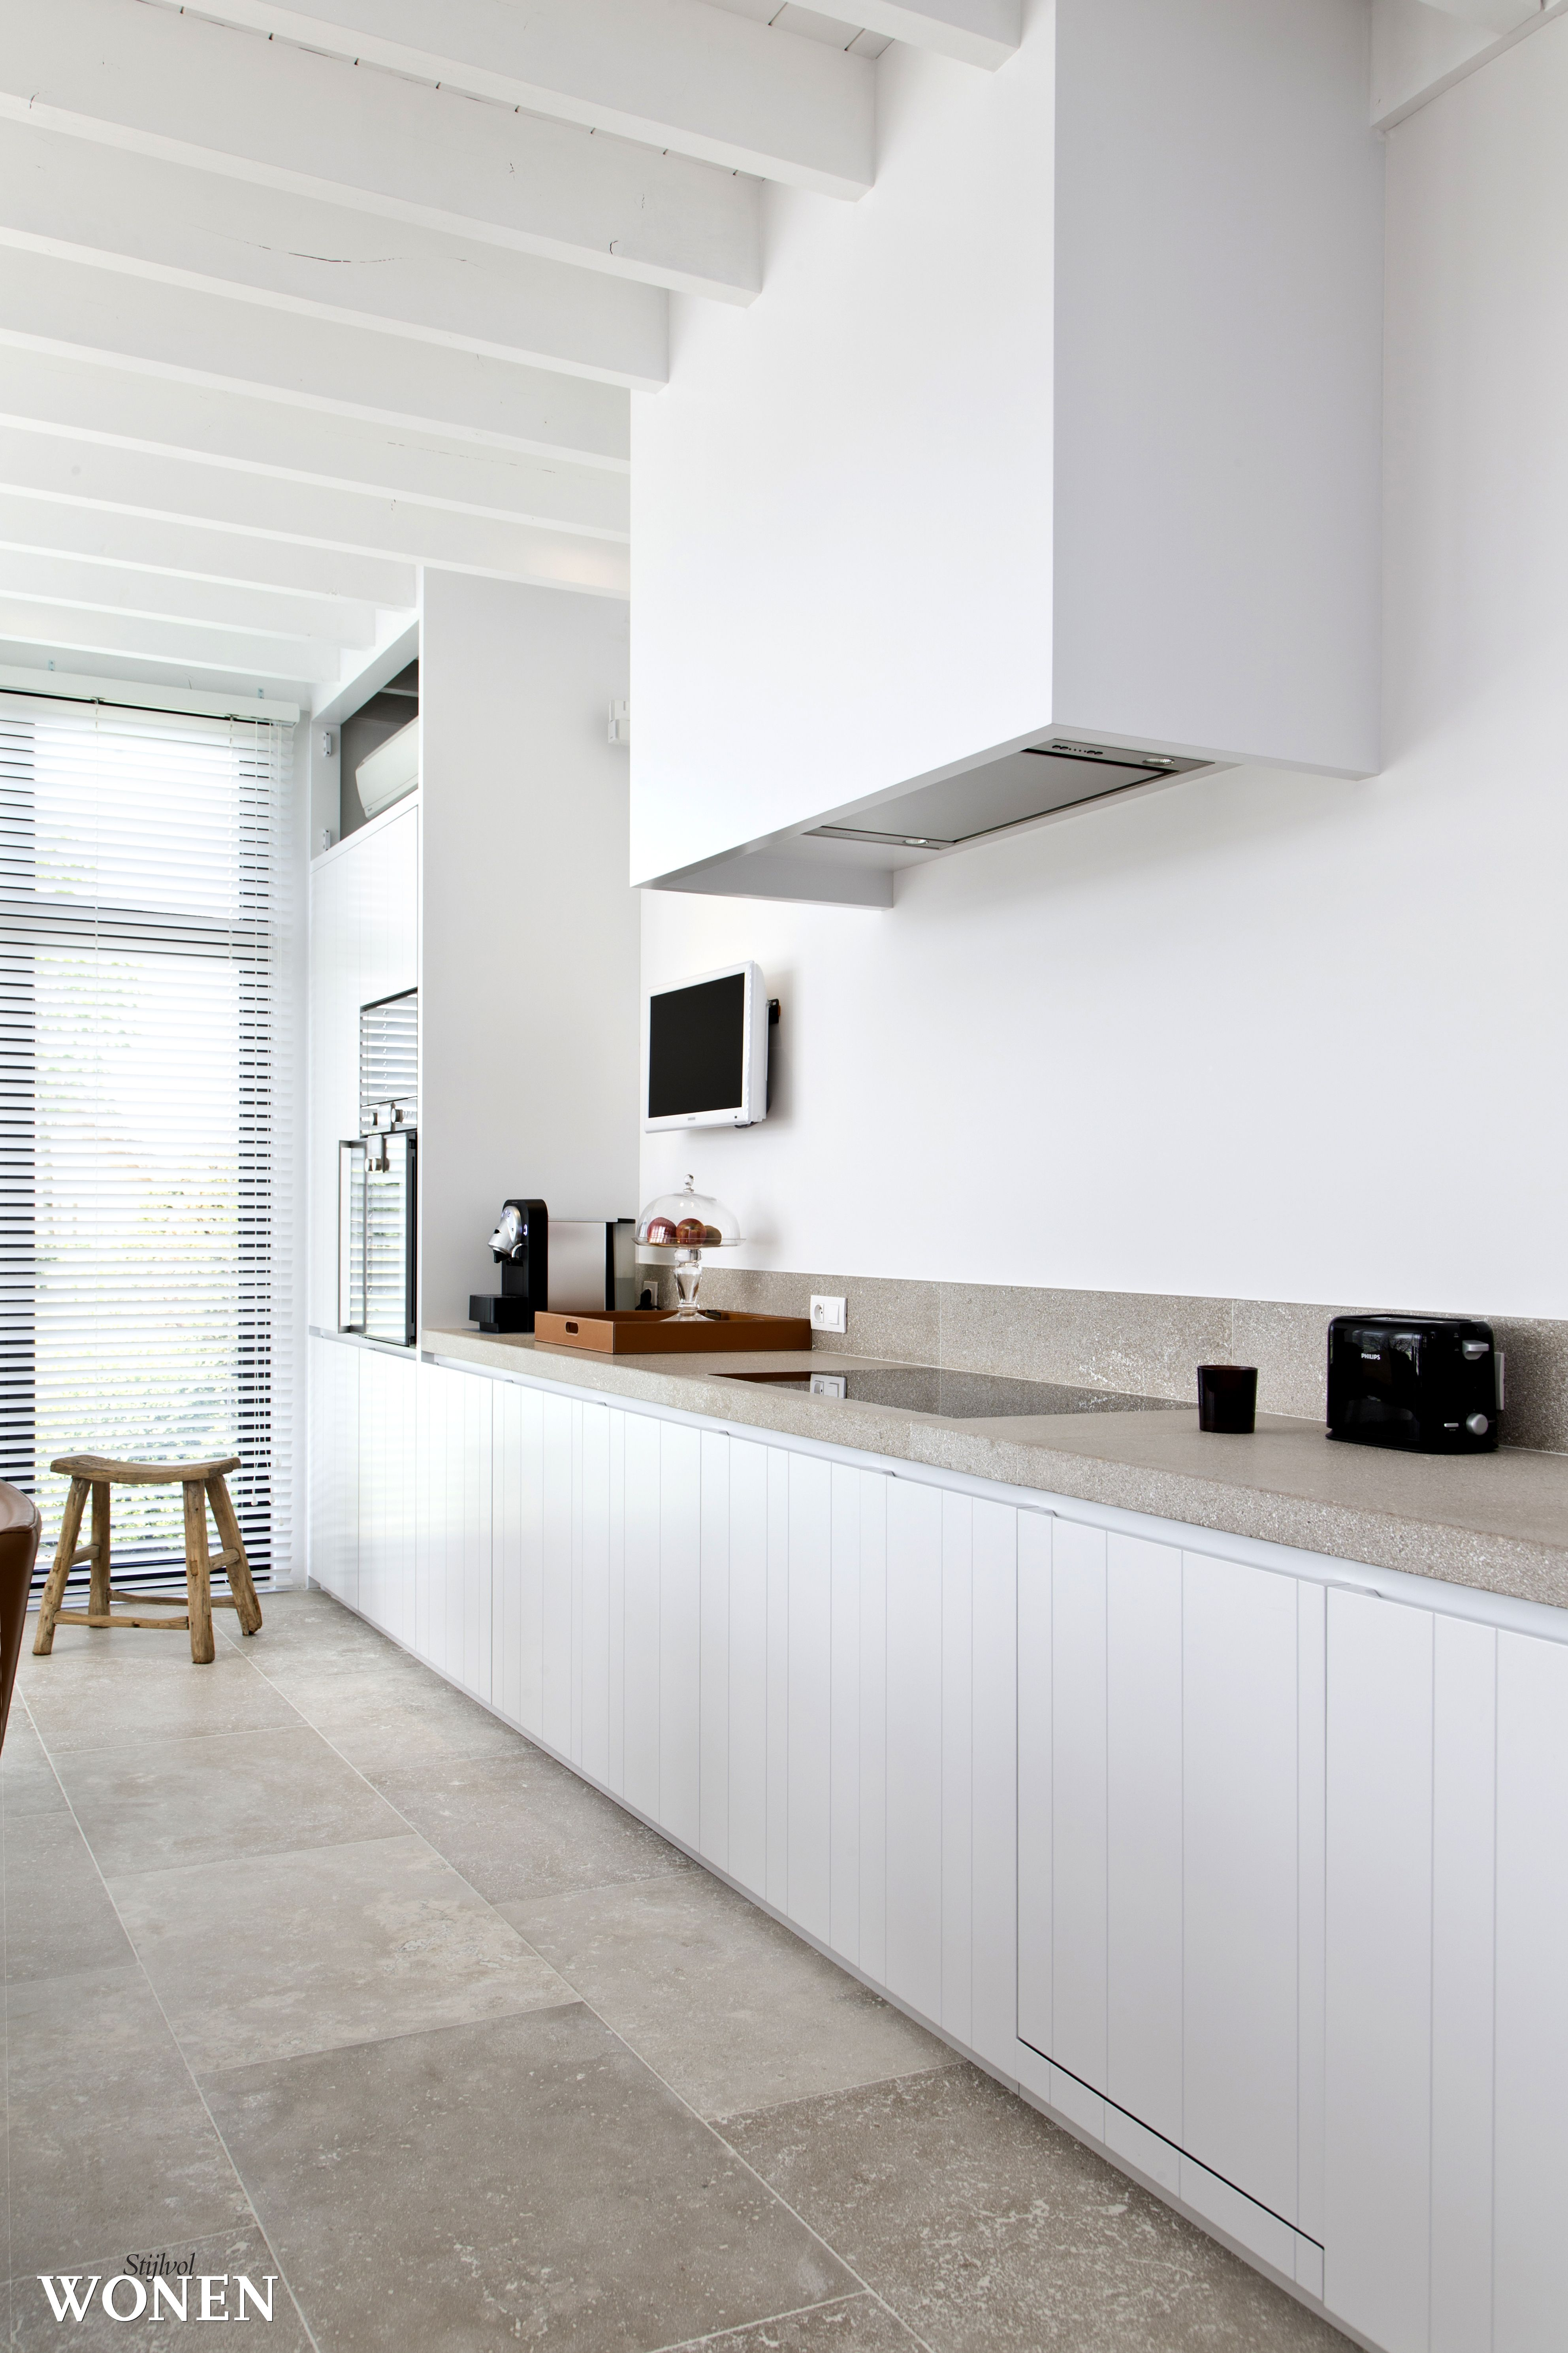 Cuisine minimaliste blanc et pierre cuisine kitchen for Cuisine minimaliste